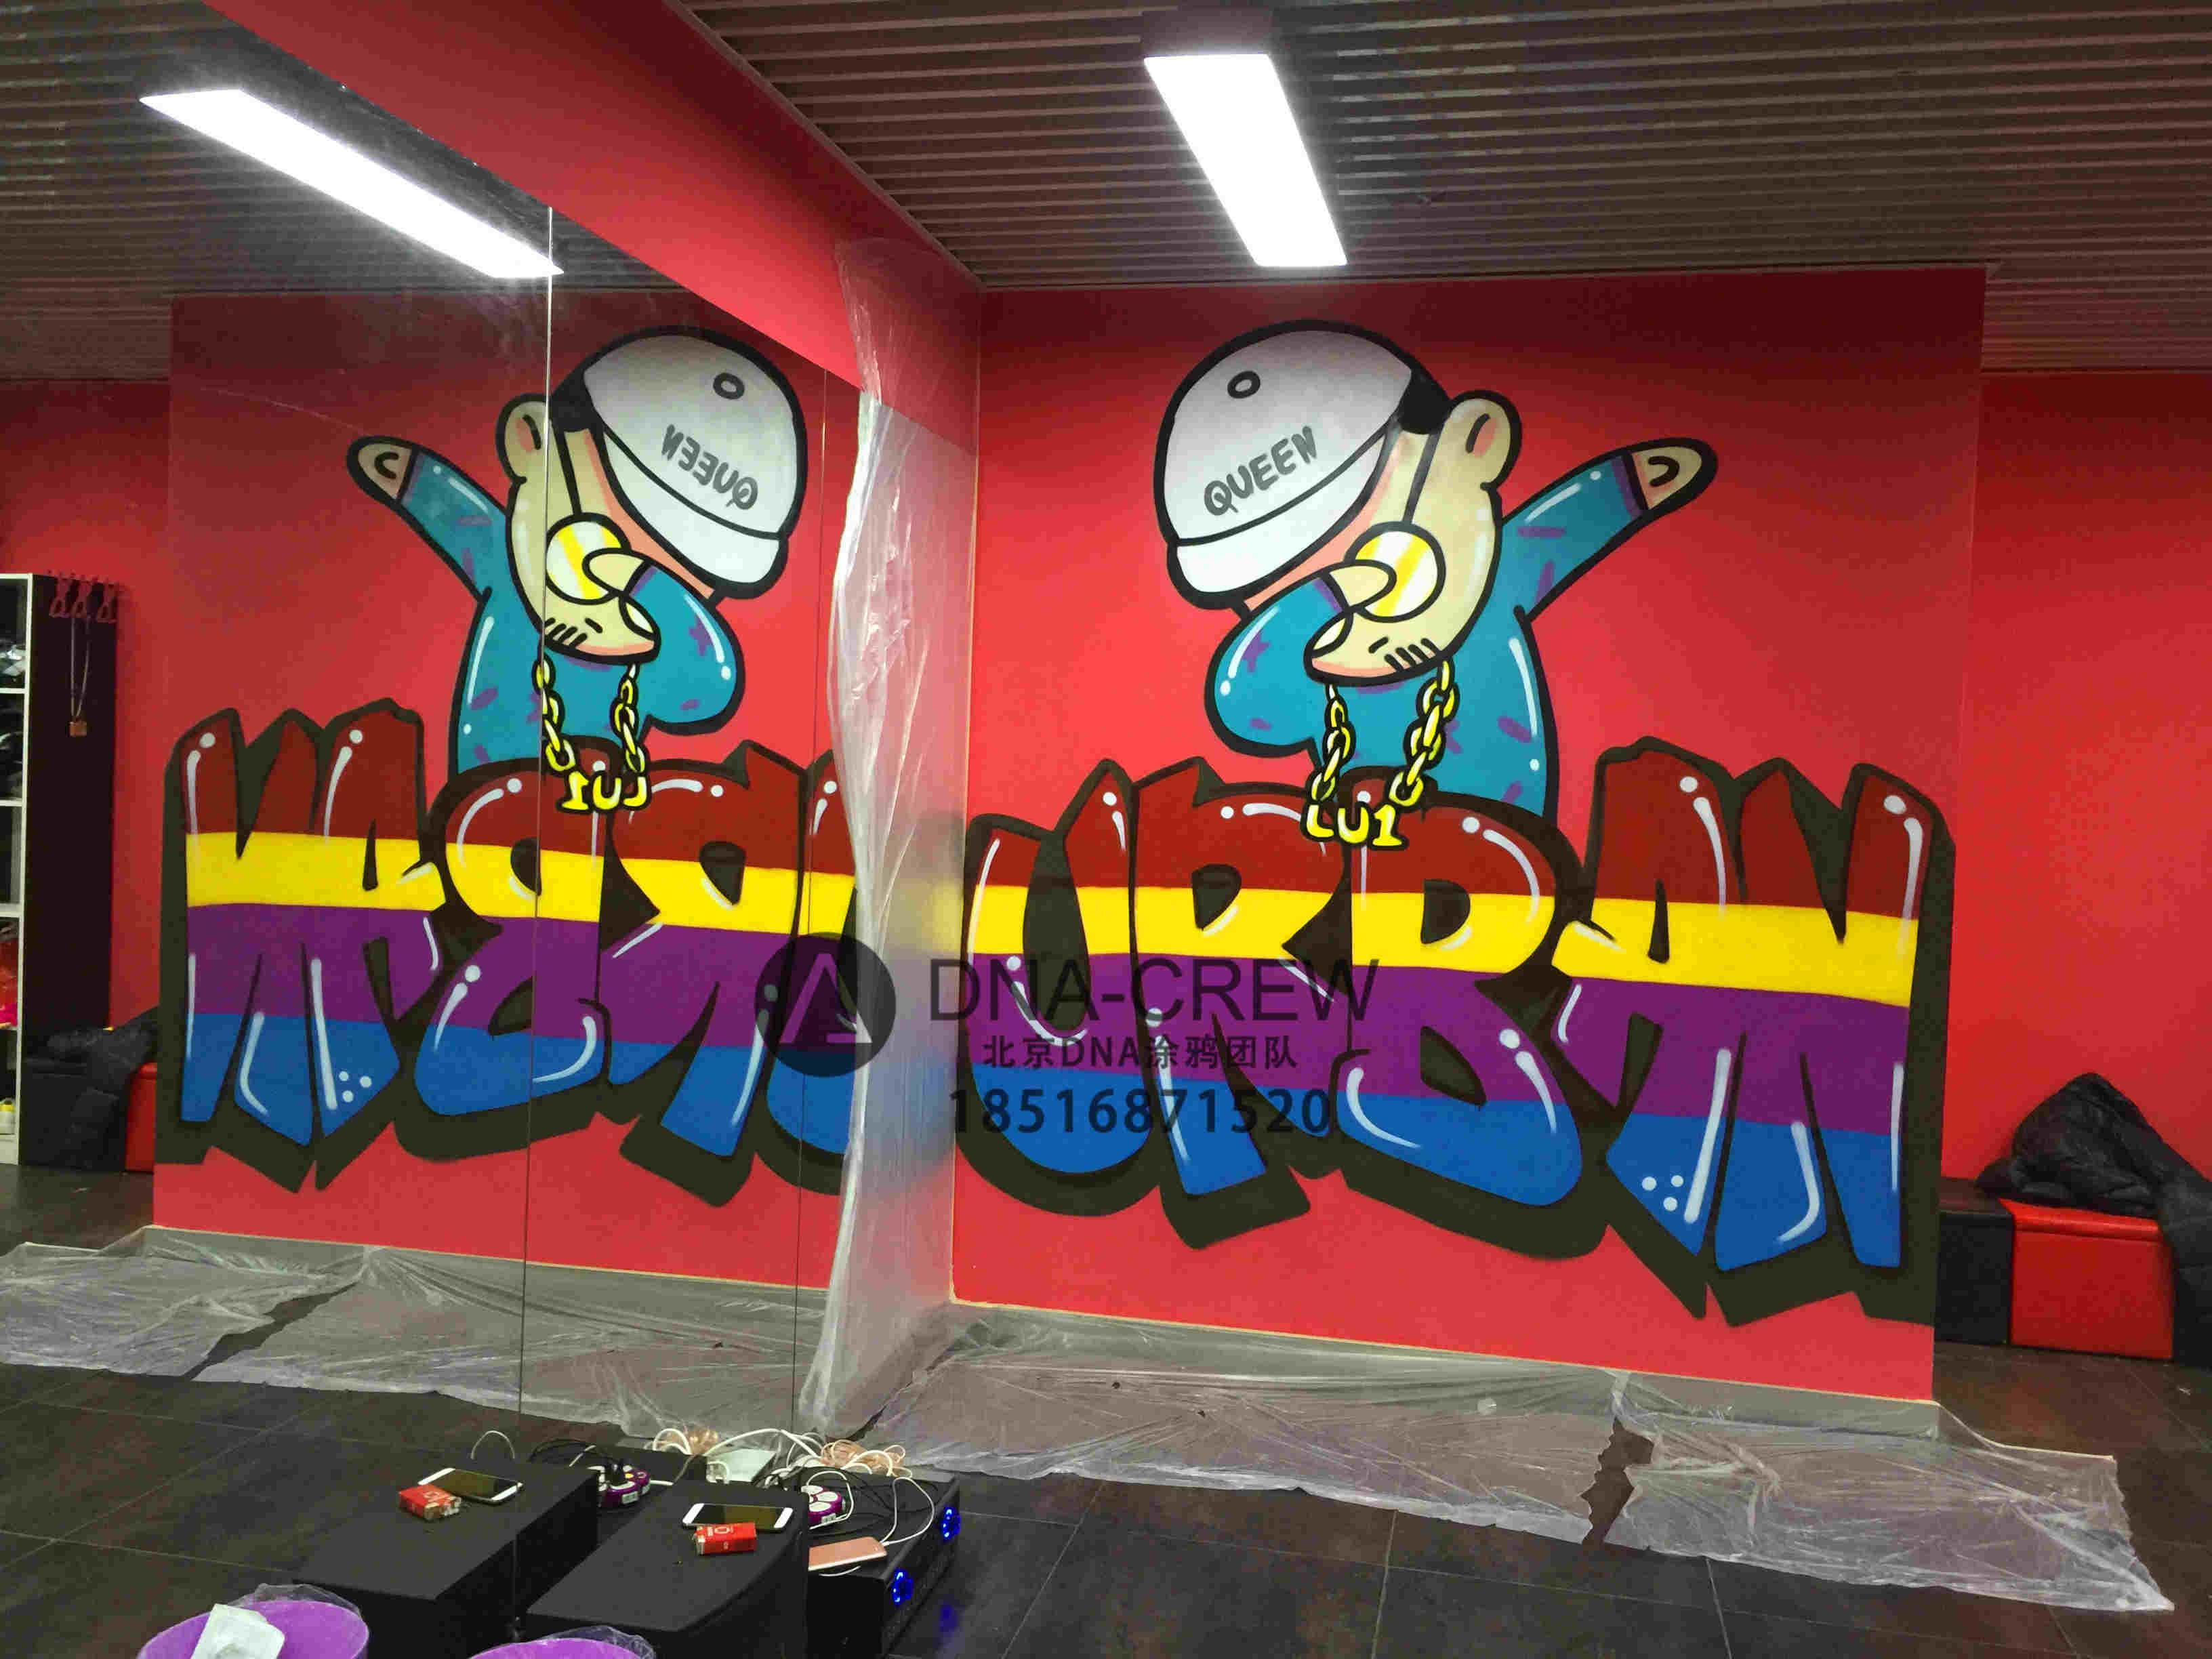 北京dna涂鸦团队_QUEEN舞皇舞蹈教室街头涂鸦墙创作